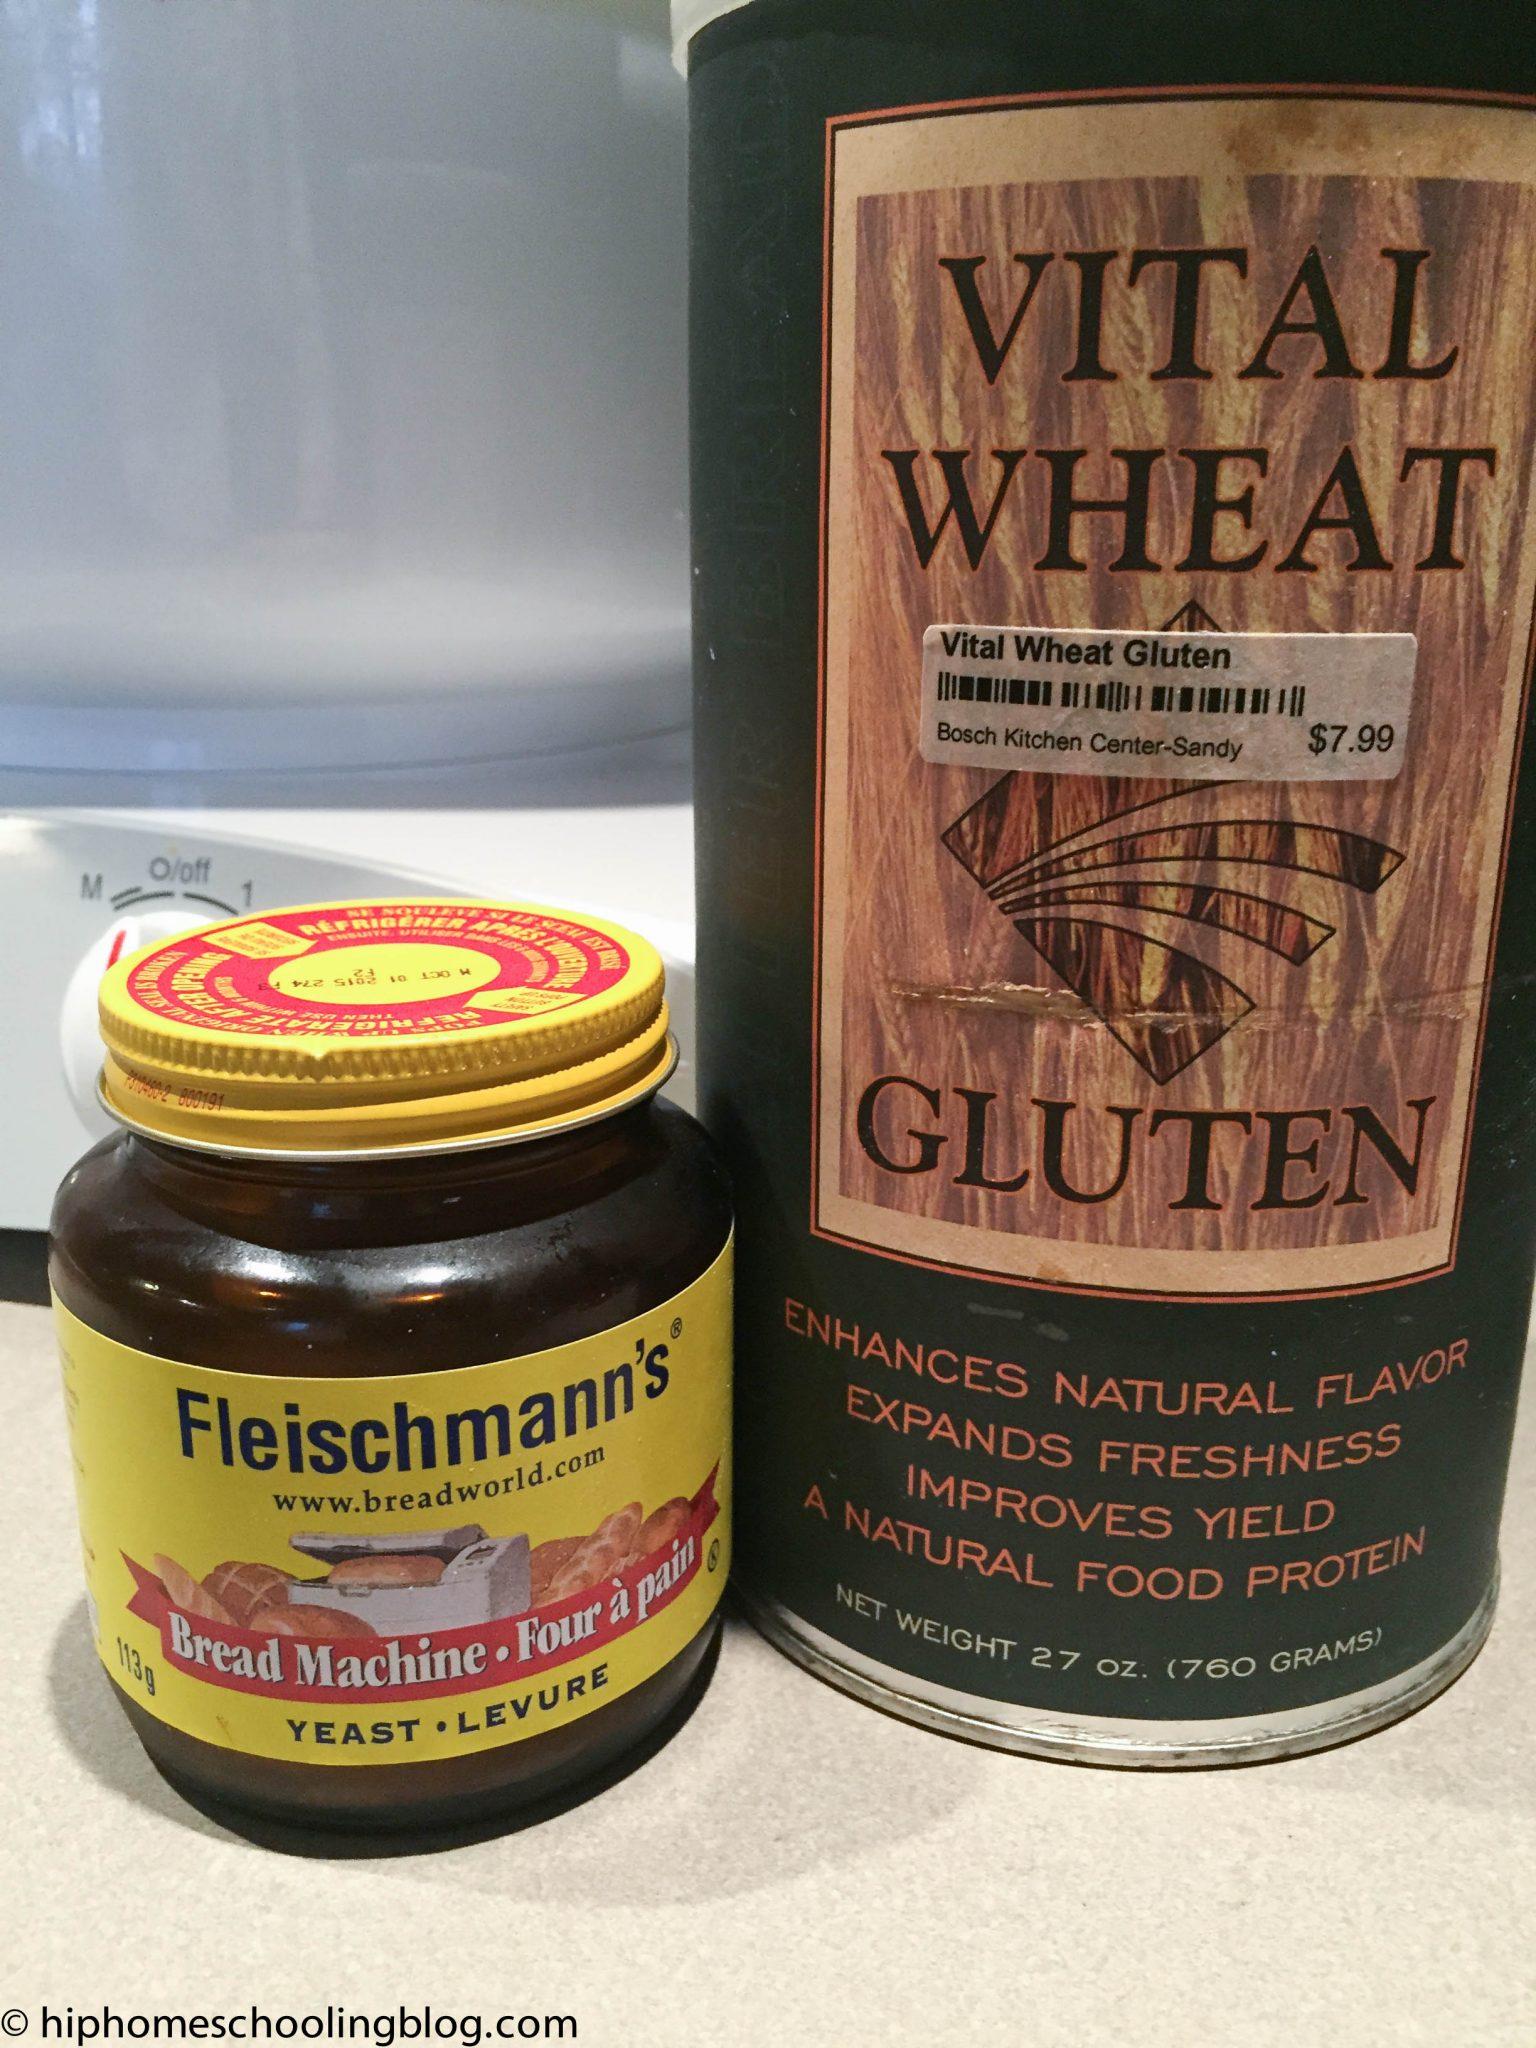 Vital Wheat Gluten for whole wheat bread recipe